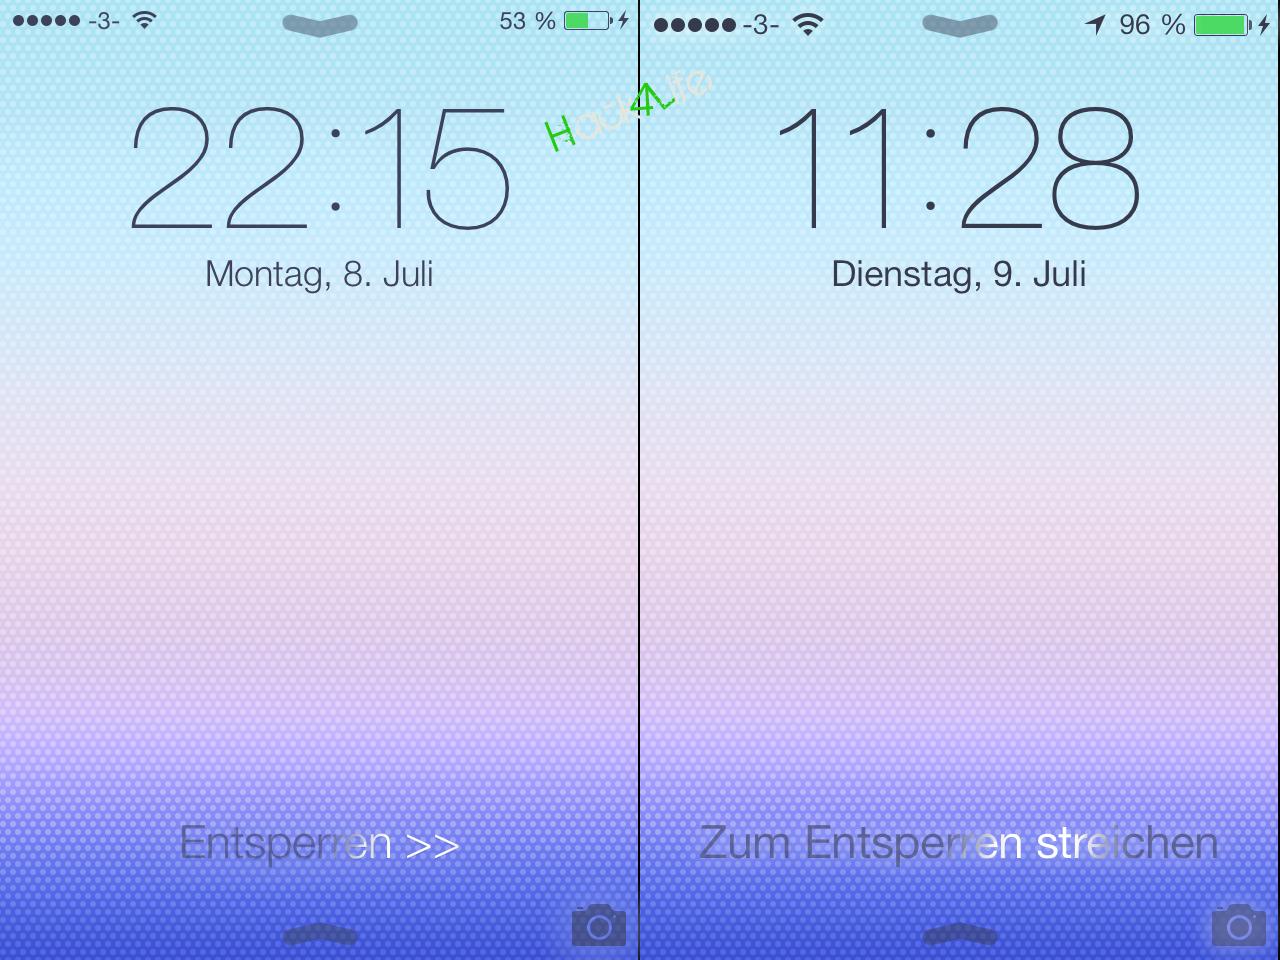 Der Unlock Text wurde verändert sowie die Größe der Statusbar etwas angepasst, iOS 7 beta 3